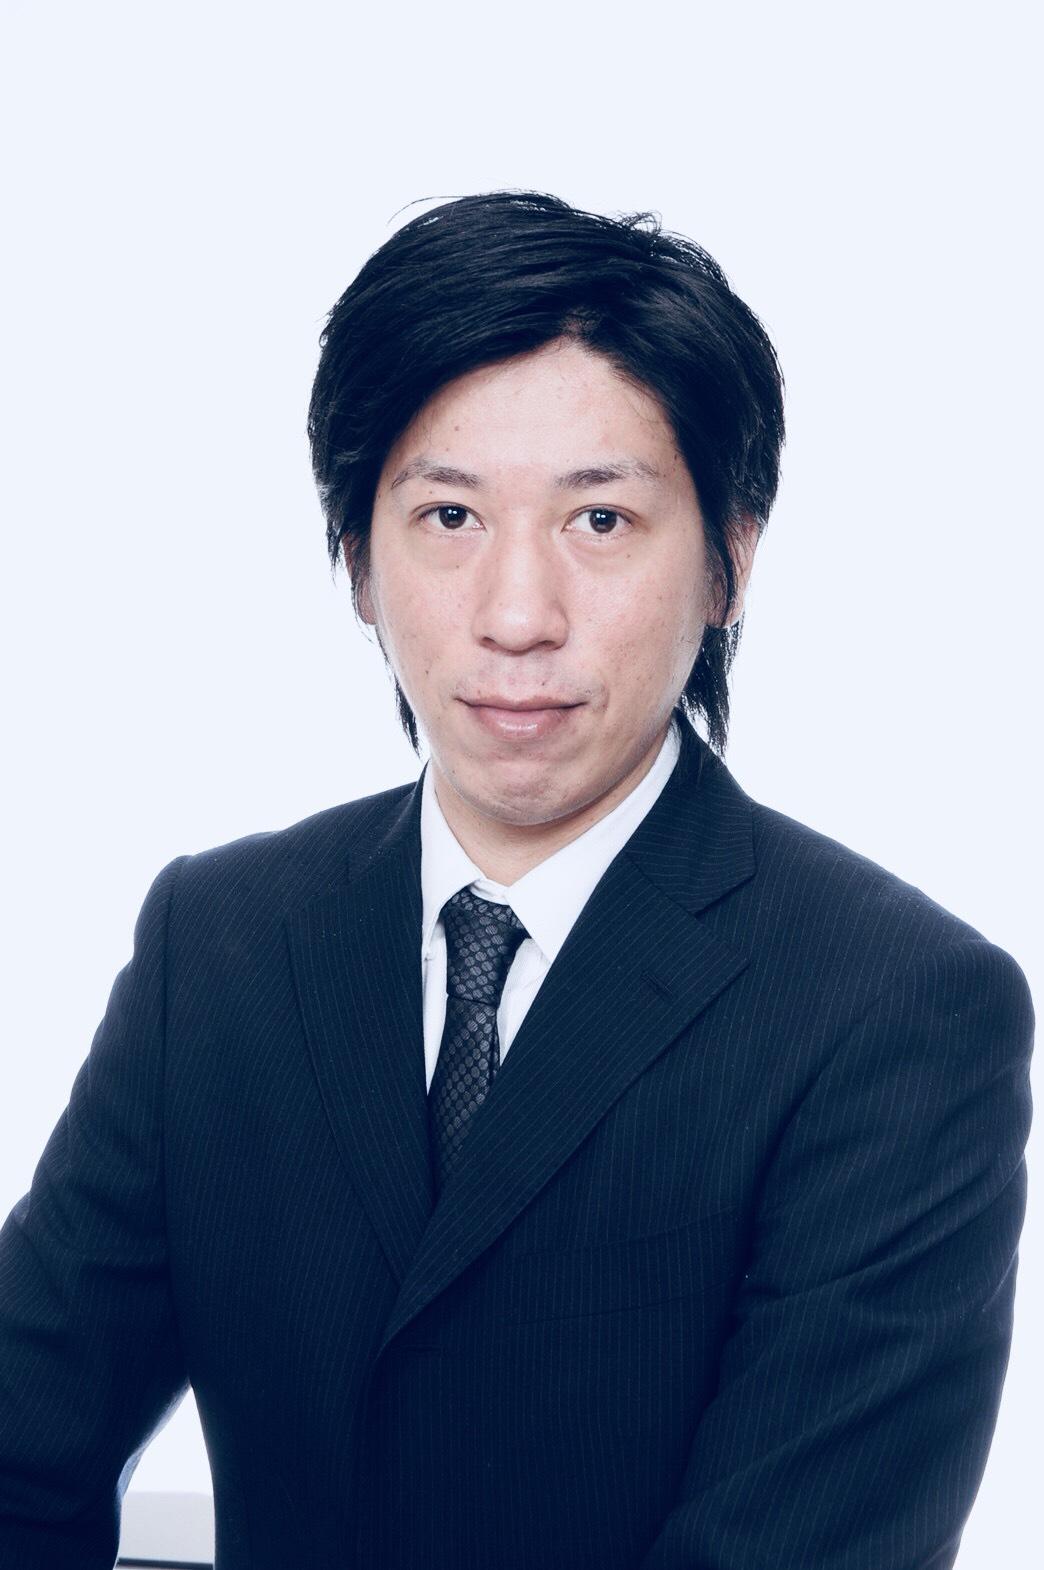 坂井特別講師 短期修得マンツーマンコース(2ヶ月間)